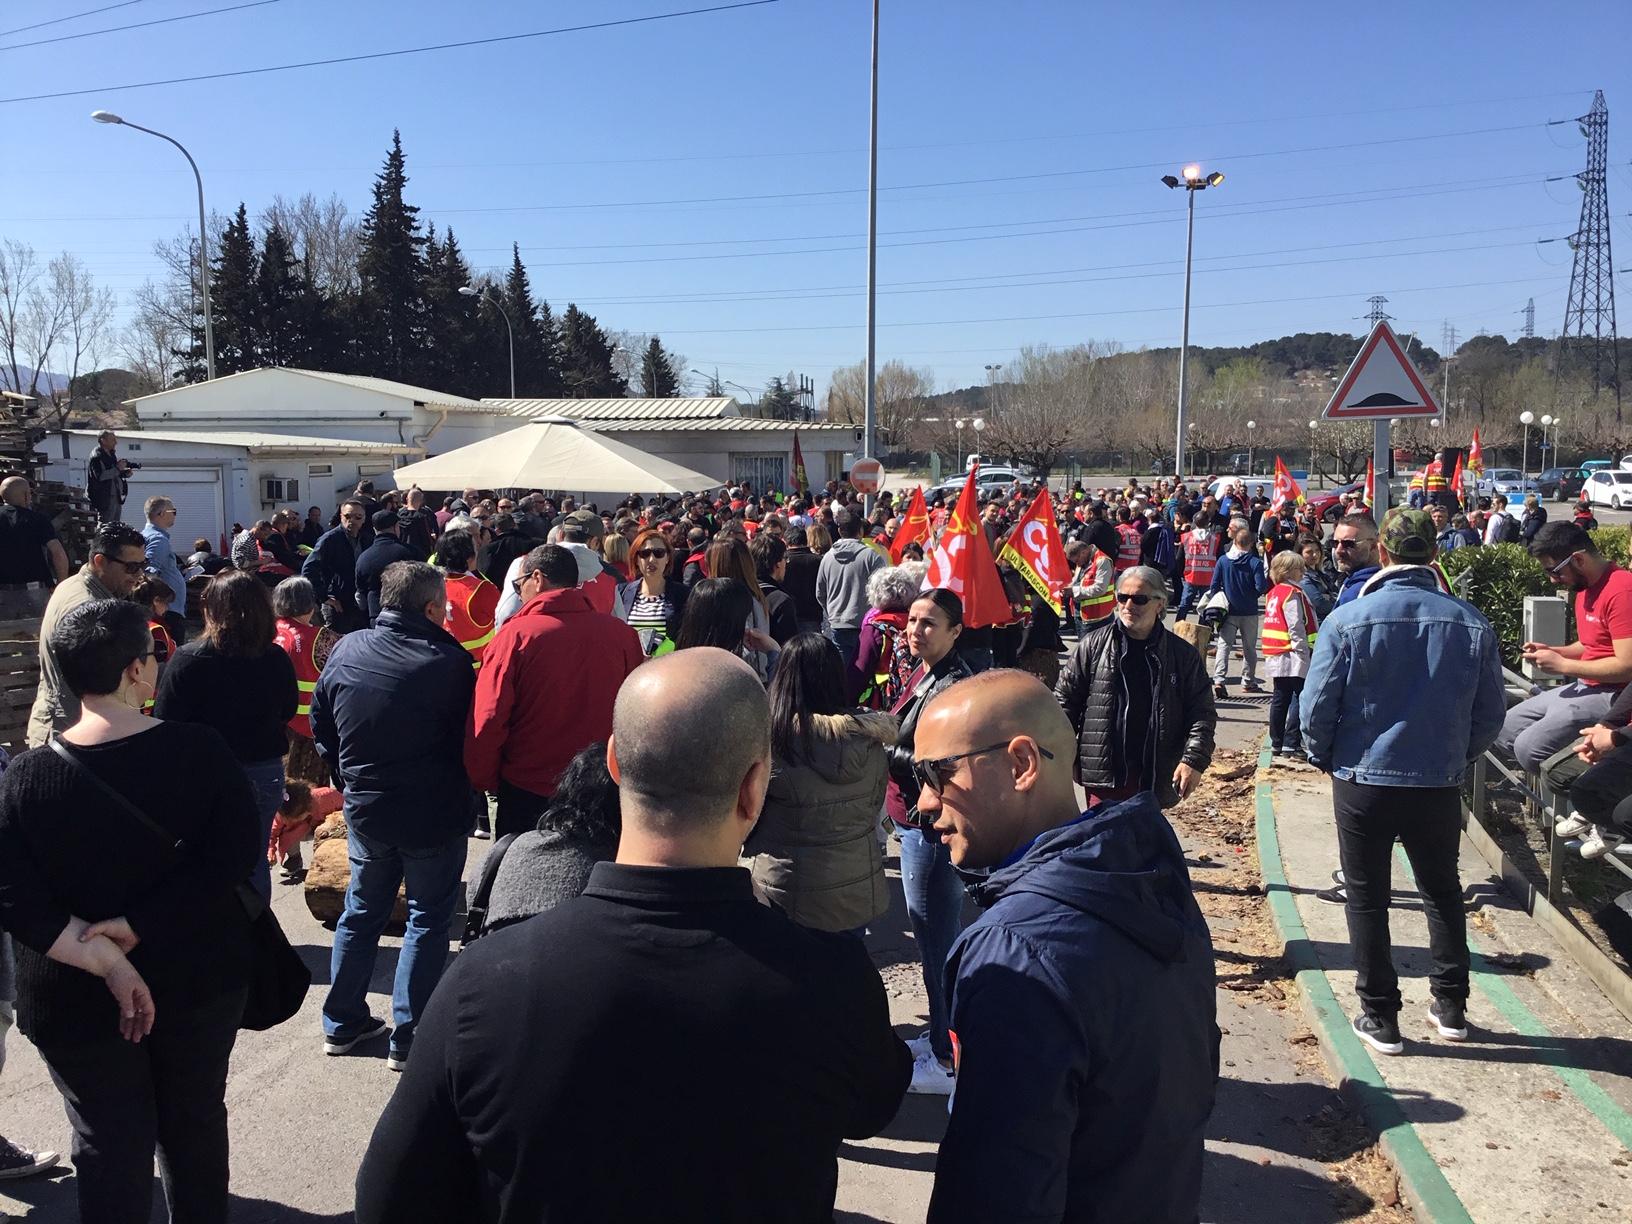 Environnement, Développement Economique et Social au cœur de la manifestation et du rassemblement à la centrale Thermique de Gardanne !